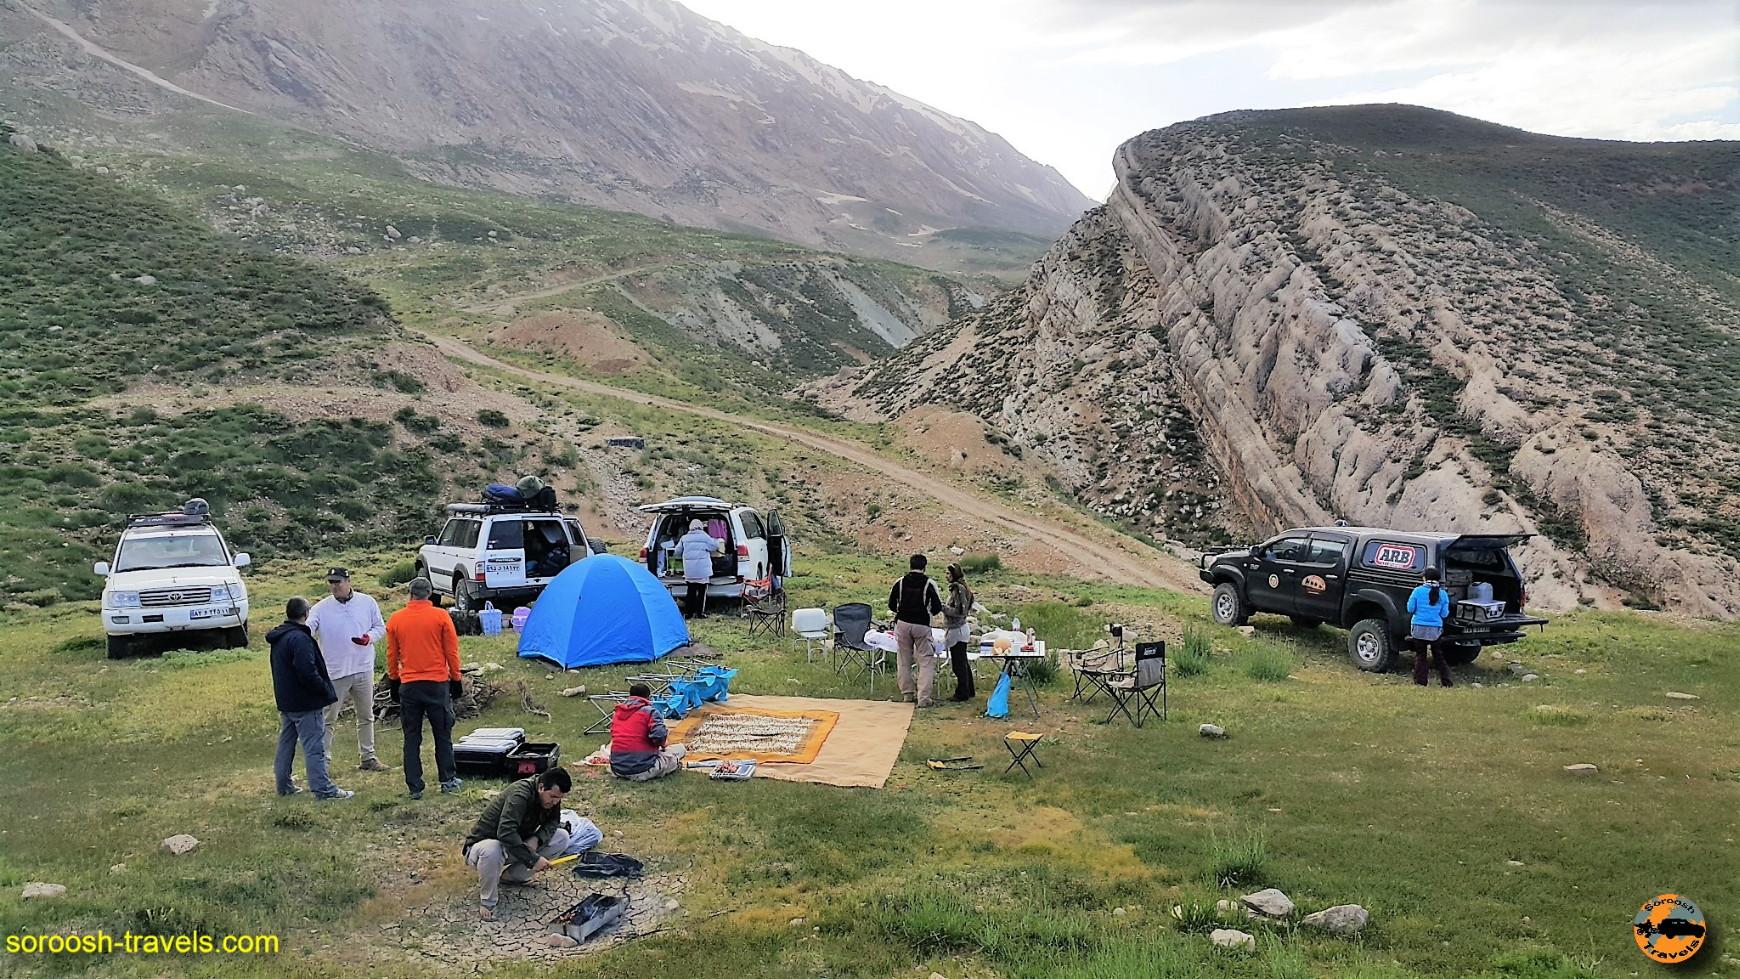 گمپ در منطقه کوهرنگ در کوههای عظیم زاگرس - خرداد ۱۳۹۶